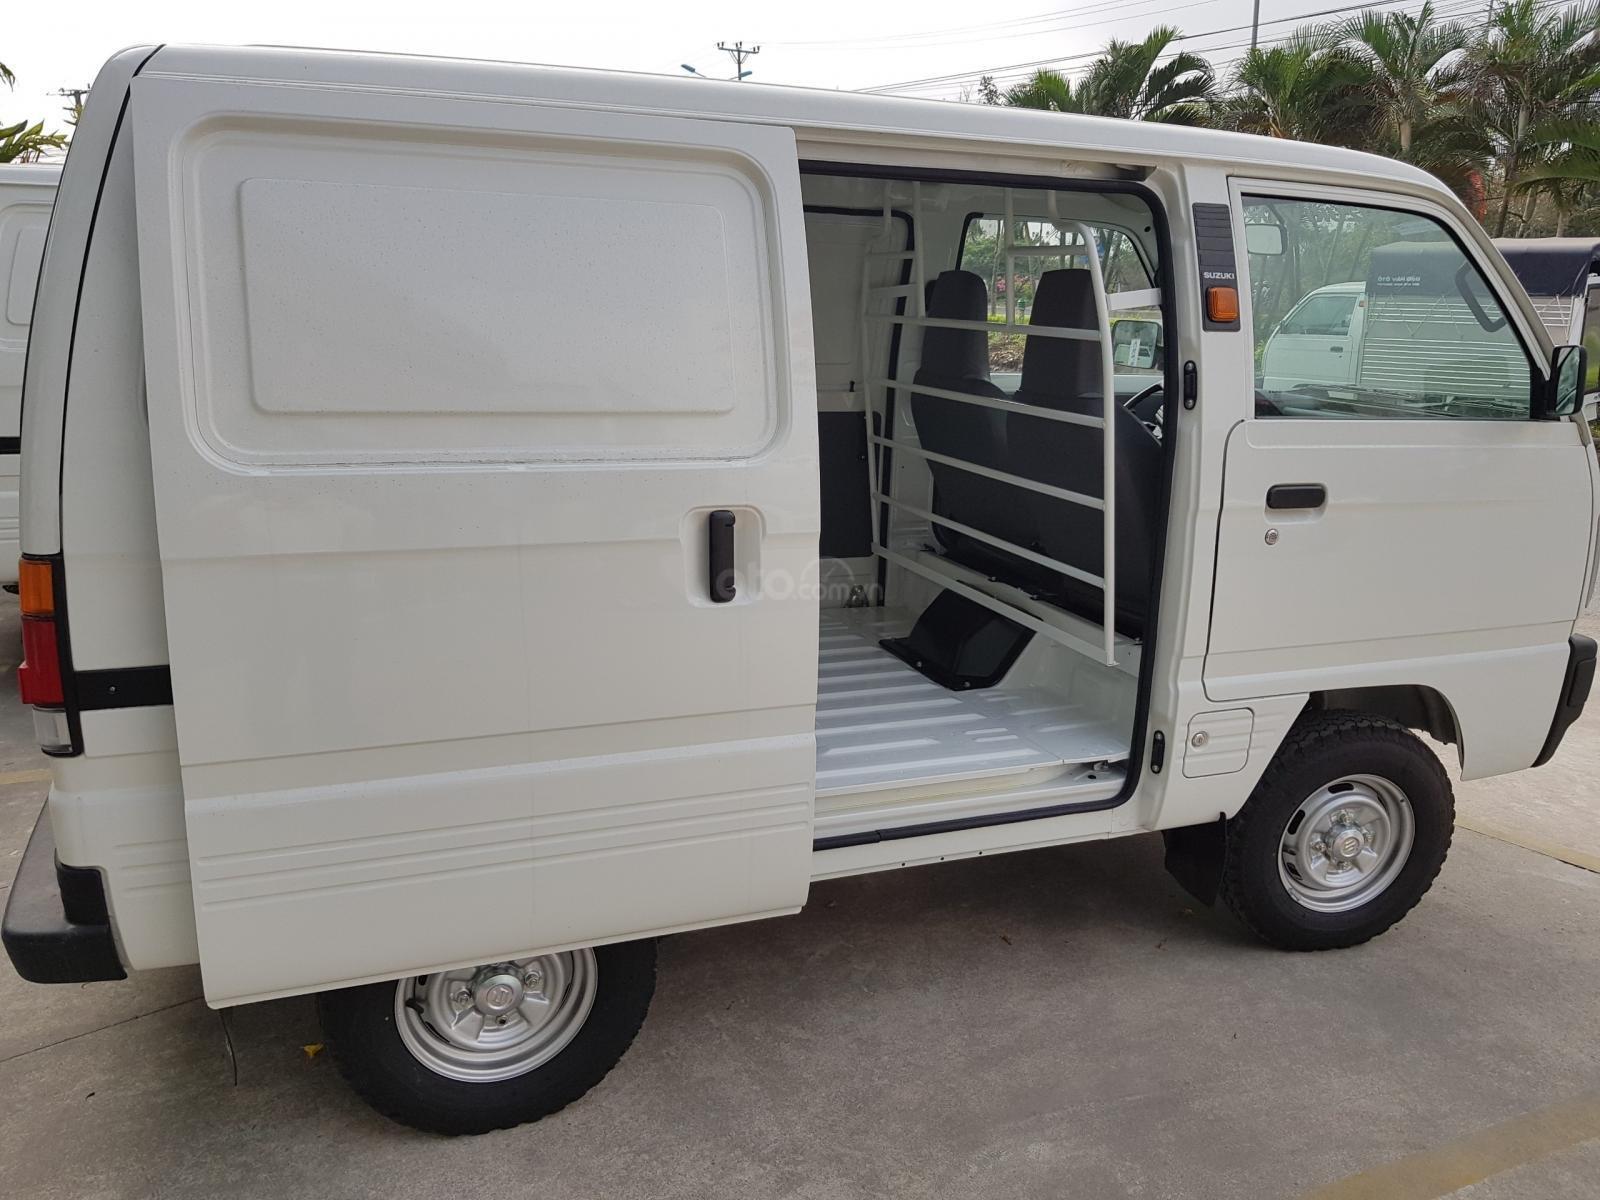 Suzuki Blind Van (su cóc) giá tốt nhất, giảm giá kịch sàn, gọi ngay: 0989 888 507 (3)